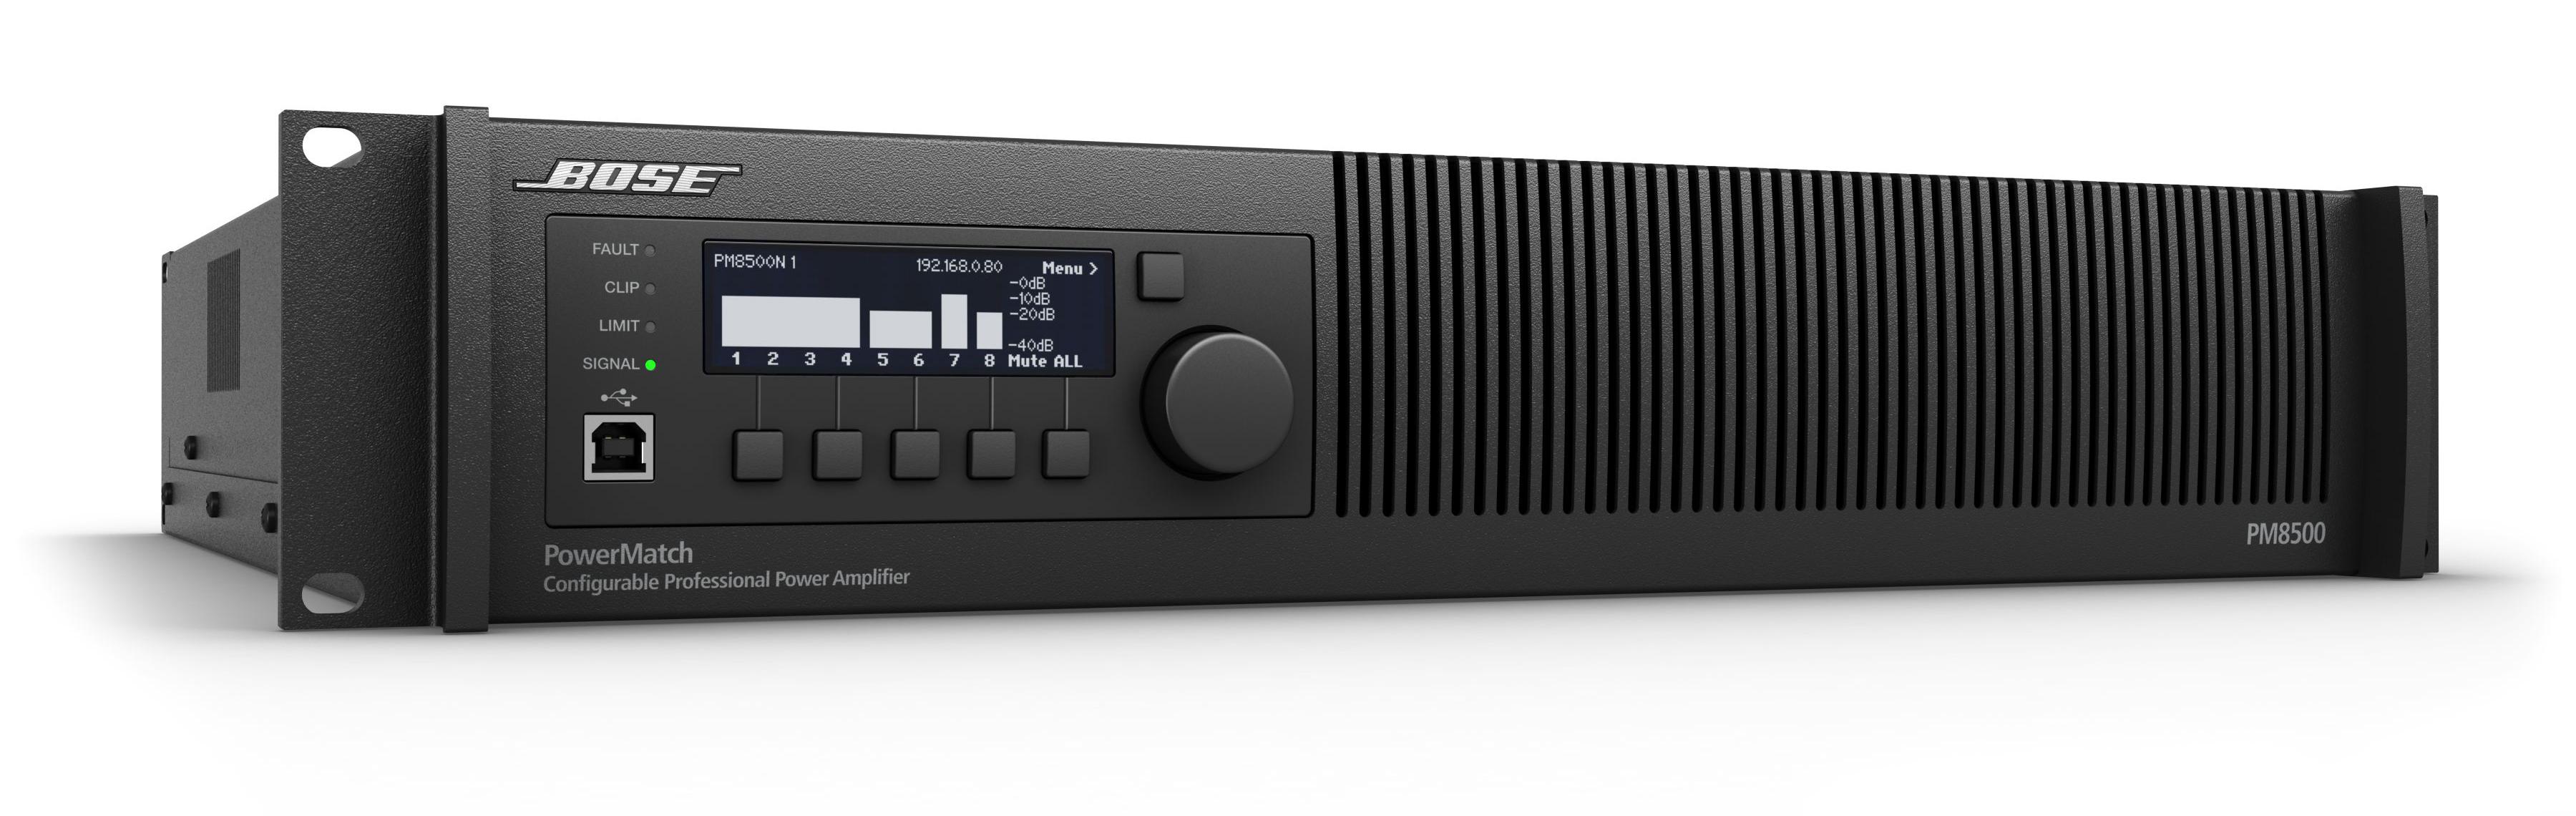 Présentation de l'amplificateur Bose PowerMatch PM8500N ControlSound Division professionnelle